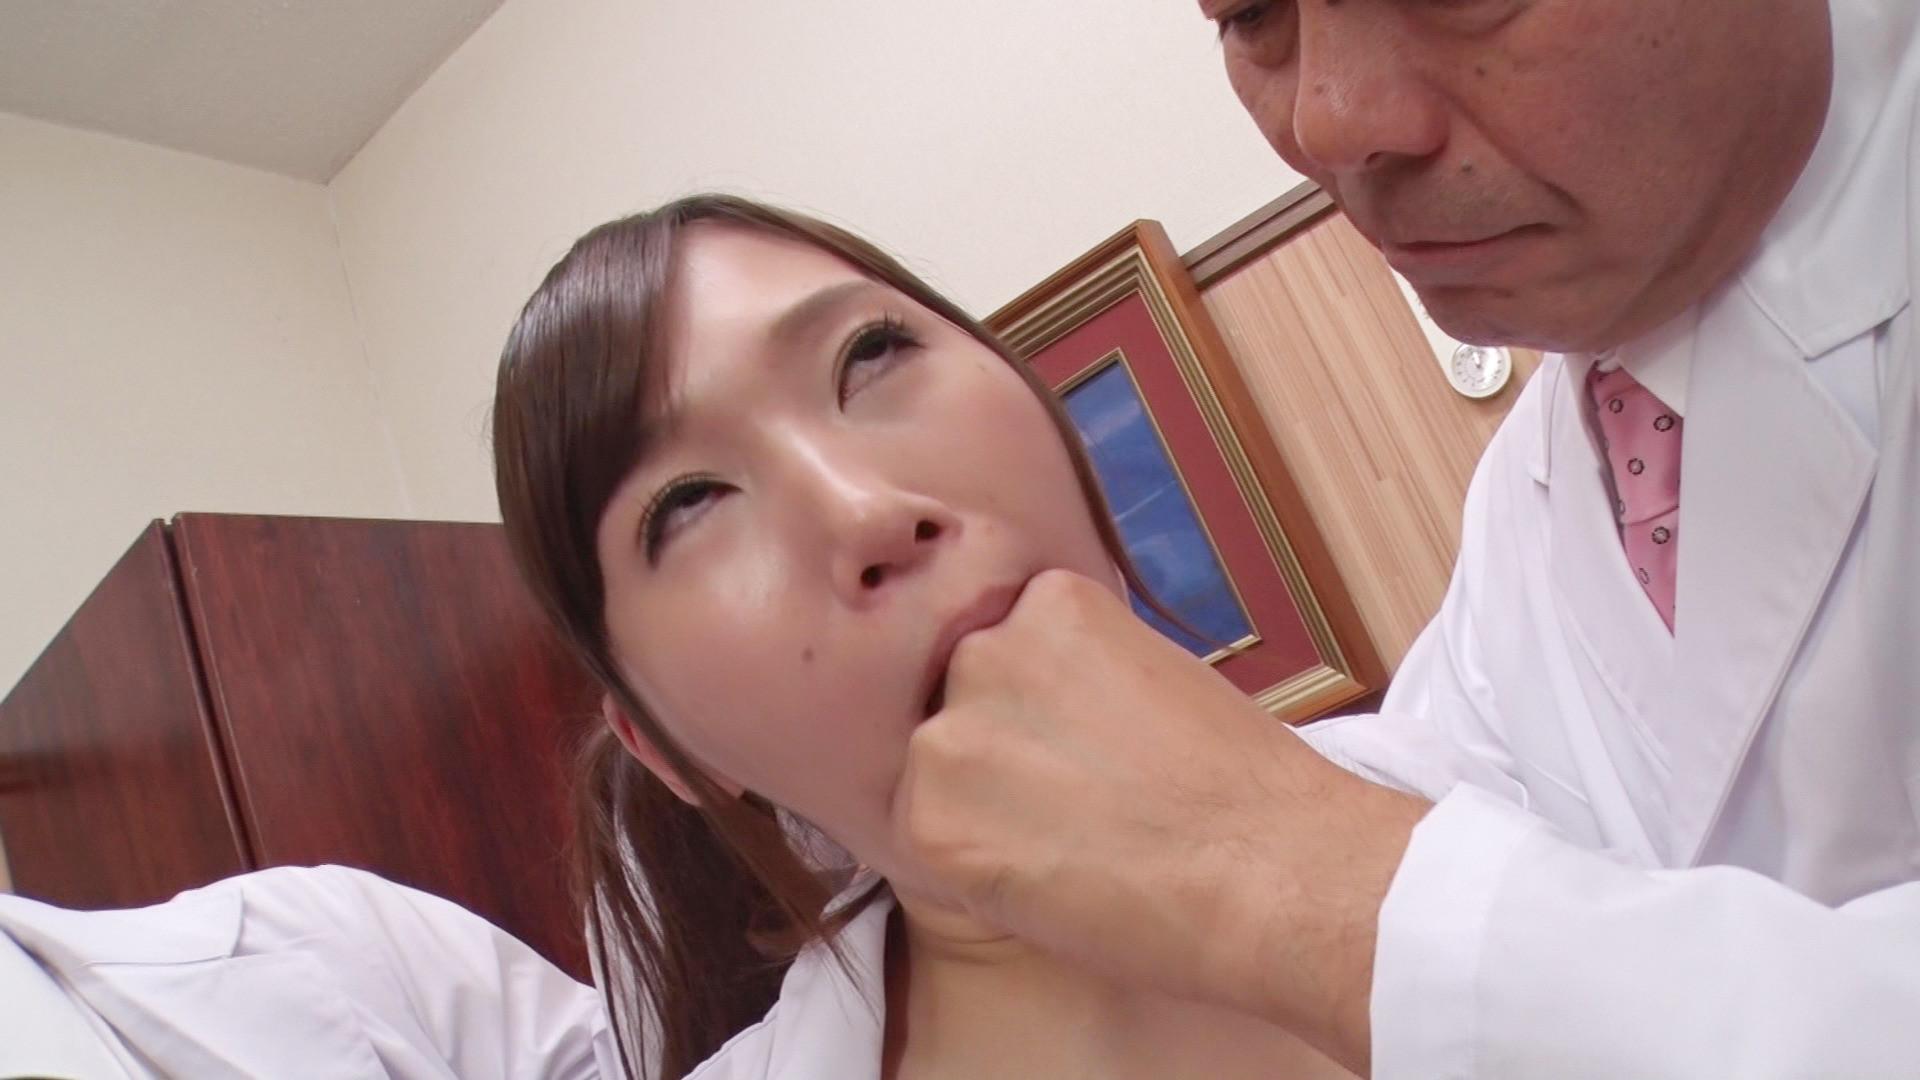 女性の喉奥には性感帯があり、そこを開発された女性はオーガズムを求める淫らな牝女に成り下がるのです・・・。 画像2